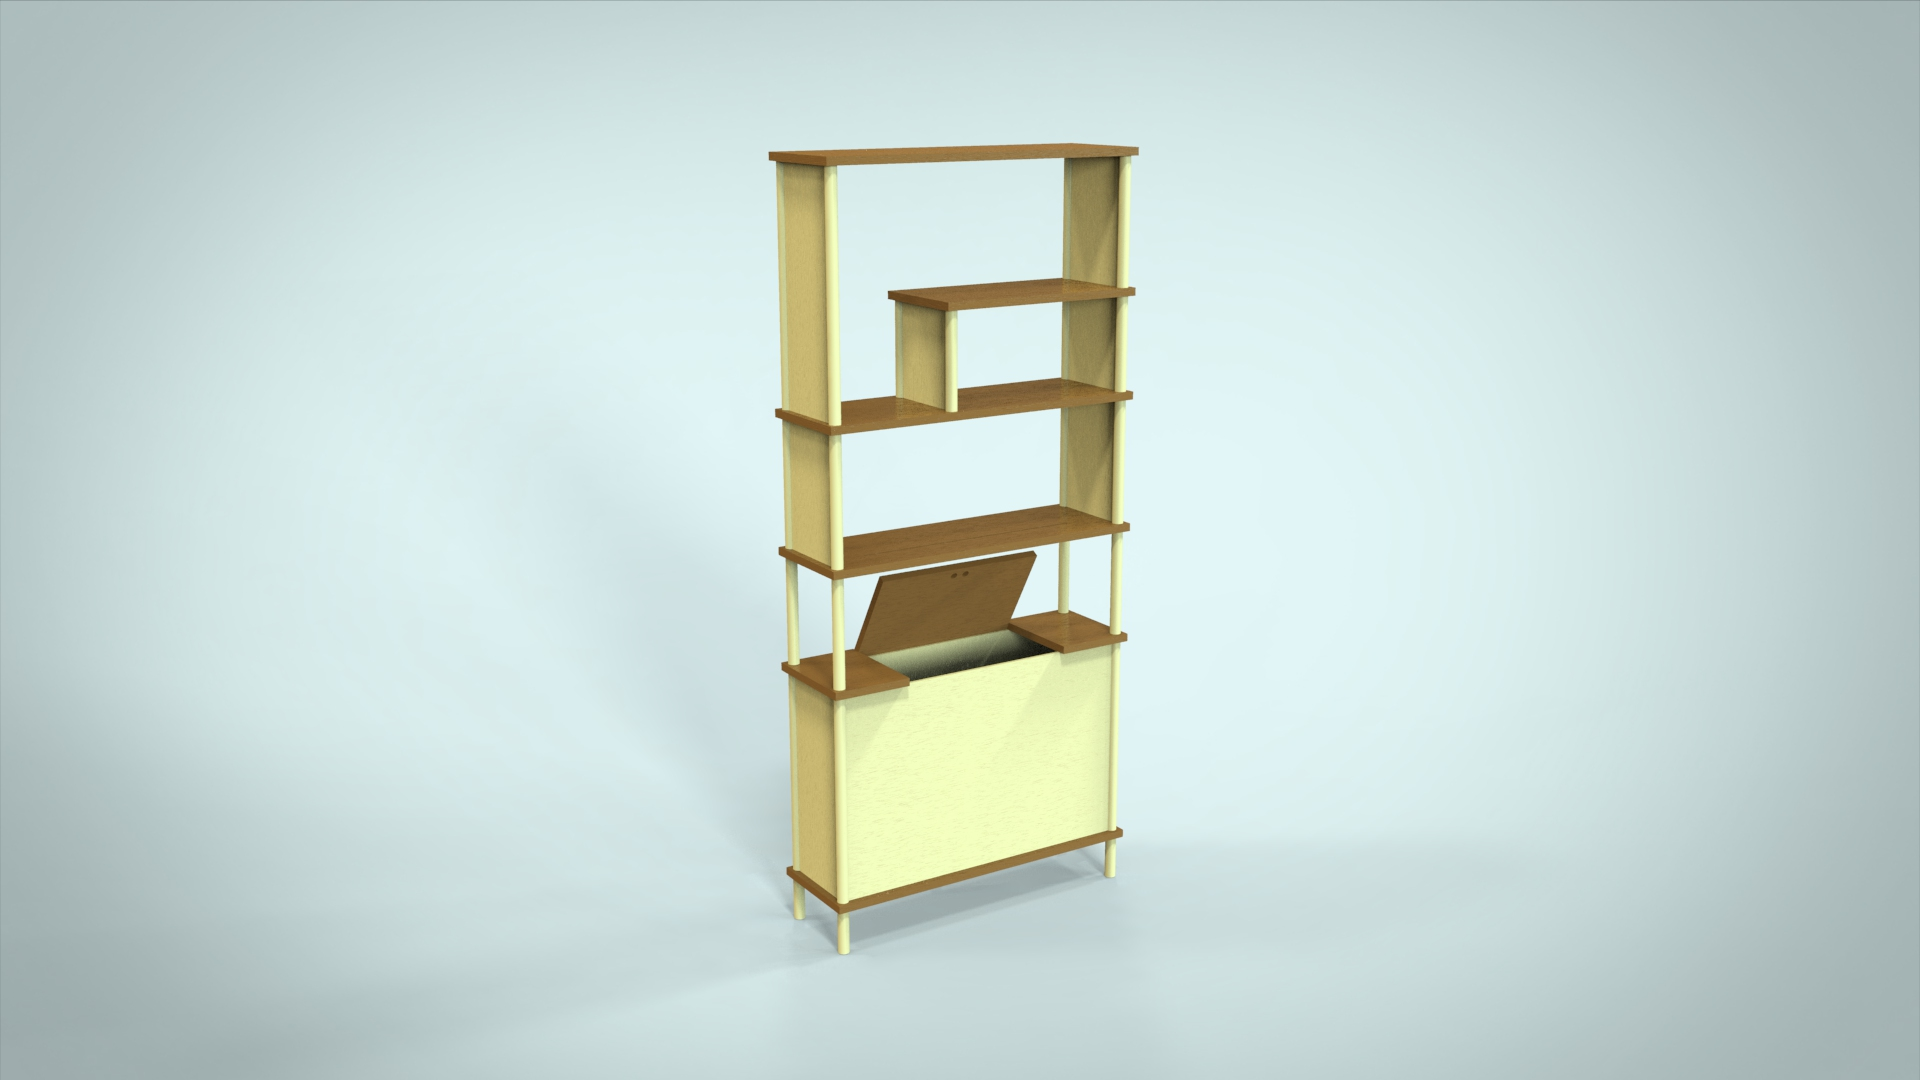 Konisa Studio - Union Bookshelf Design